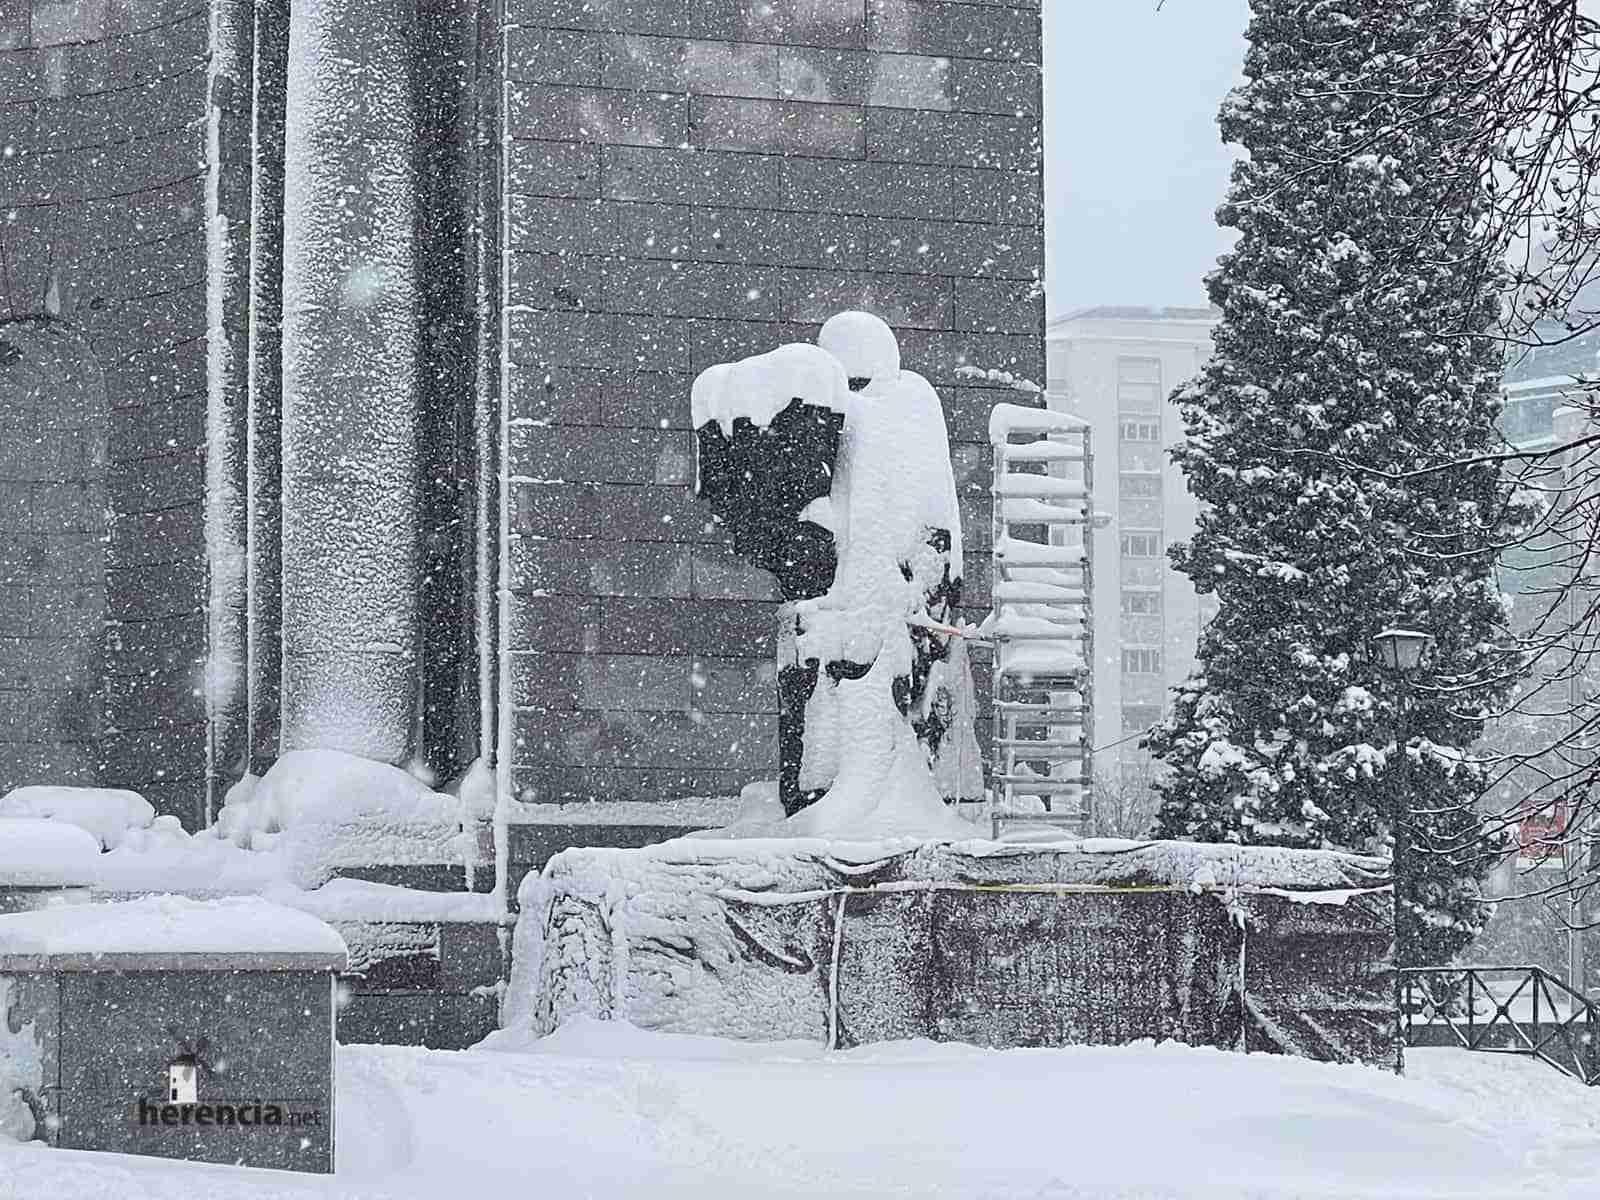 Fotografías de la nevada de enero en Madrid (España) 206